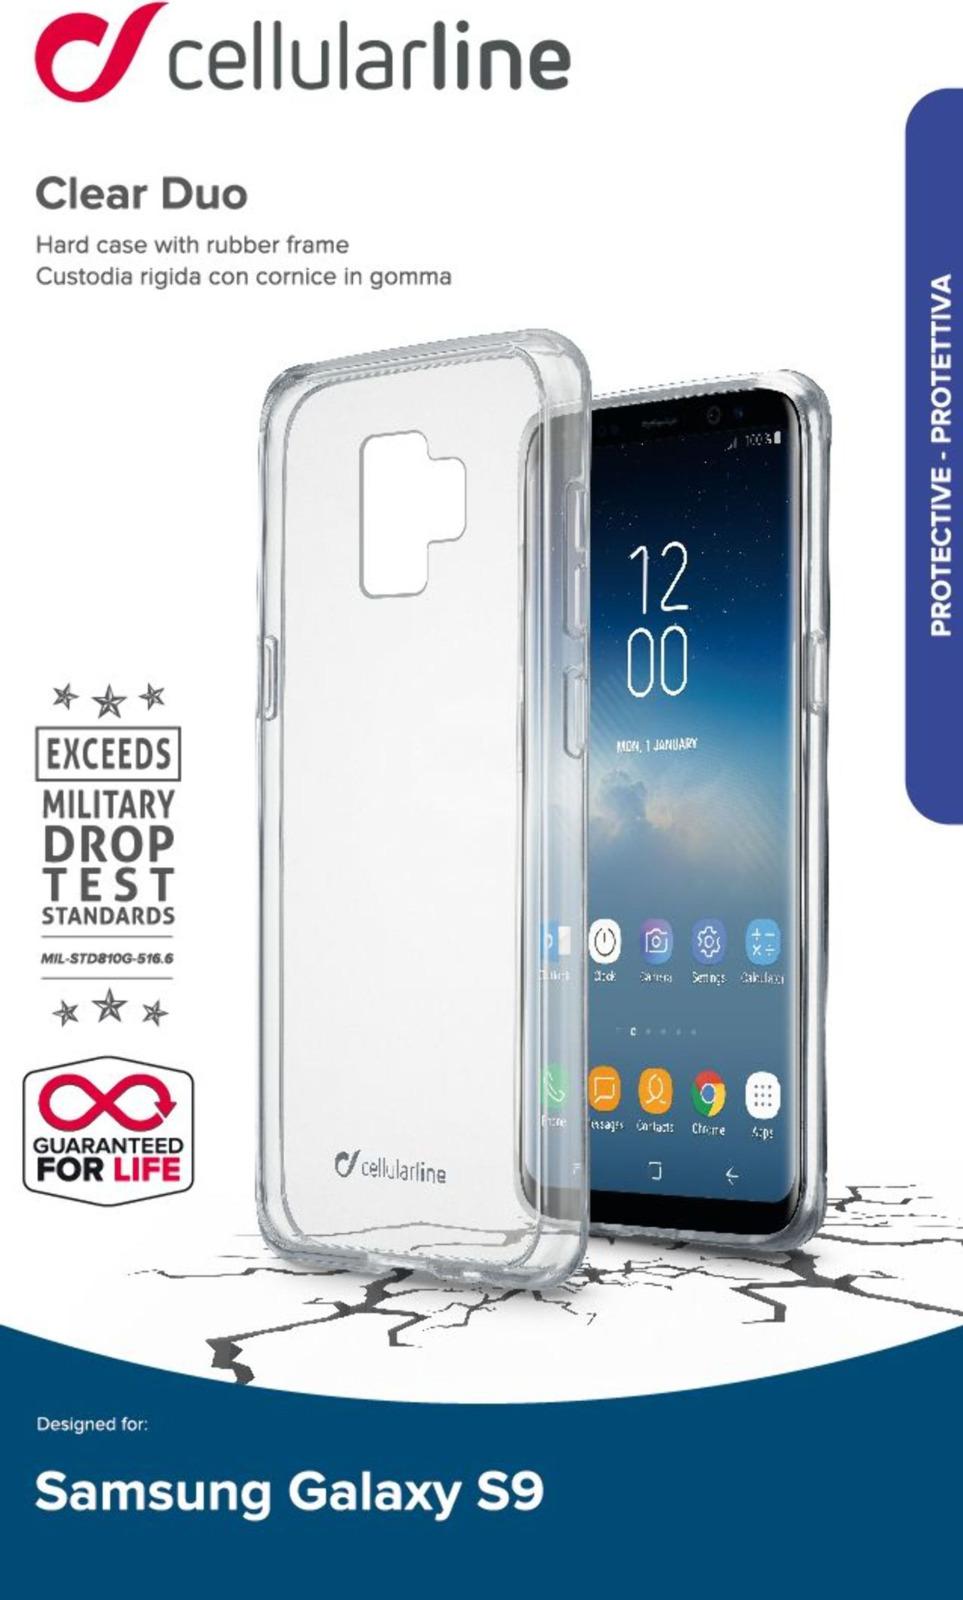 Чехол Cellularline для Samsung Galaxy S9, CLEARDUOGALS9T, прозрачный стоимость